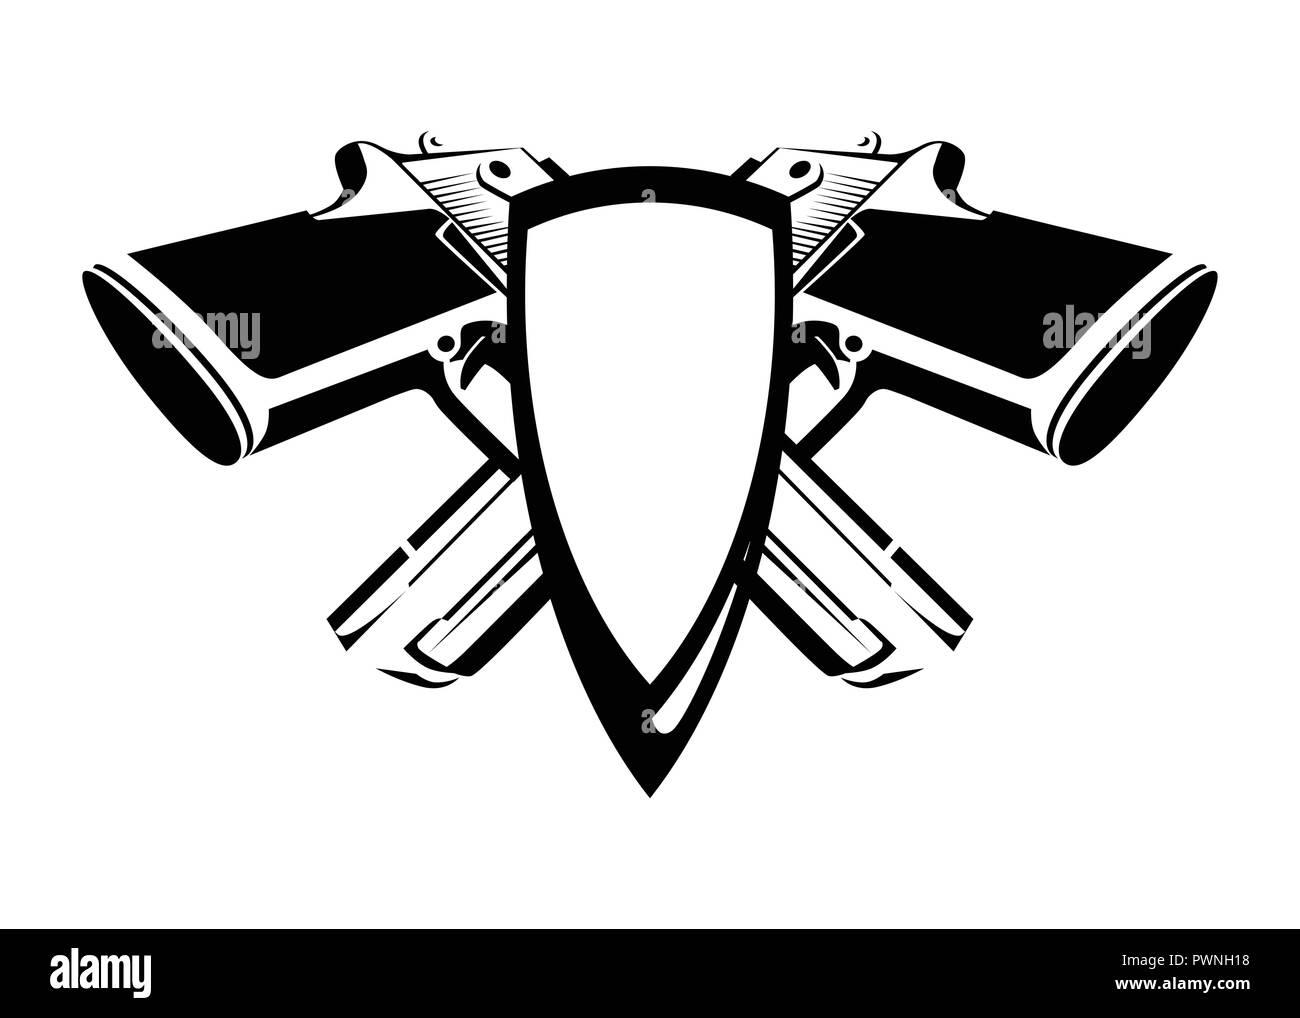 fac86bf974e Escudo de Armas con Desert Eagle en los colores blanco y negro. Escudo de  vectores con arma sobre fondo blanco.